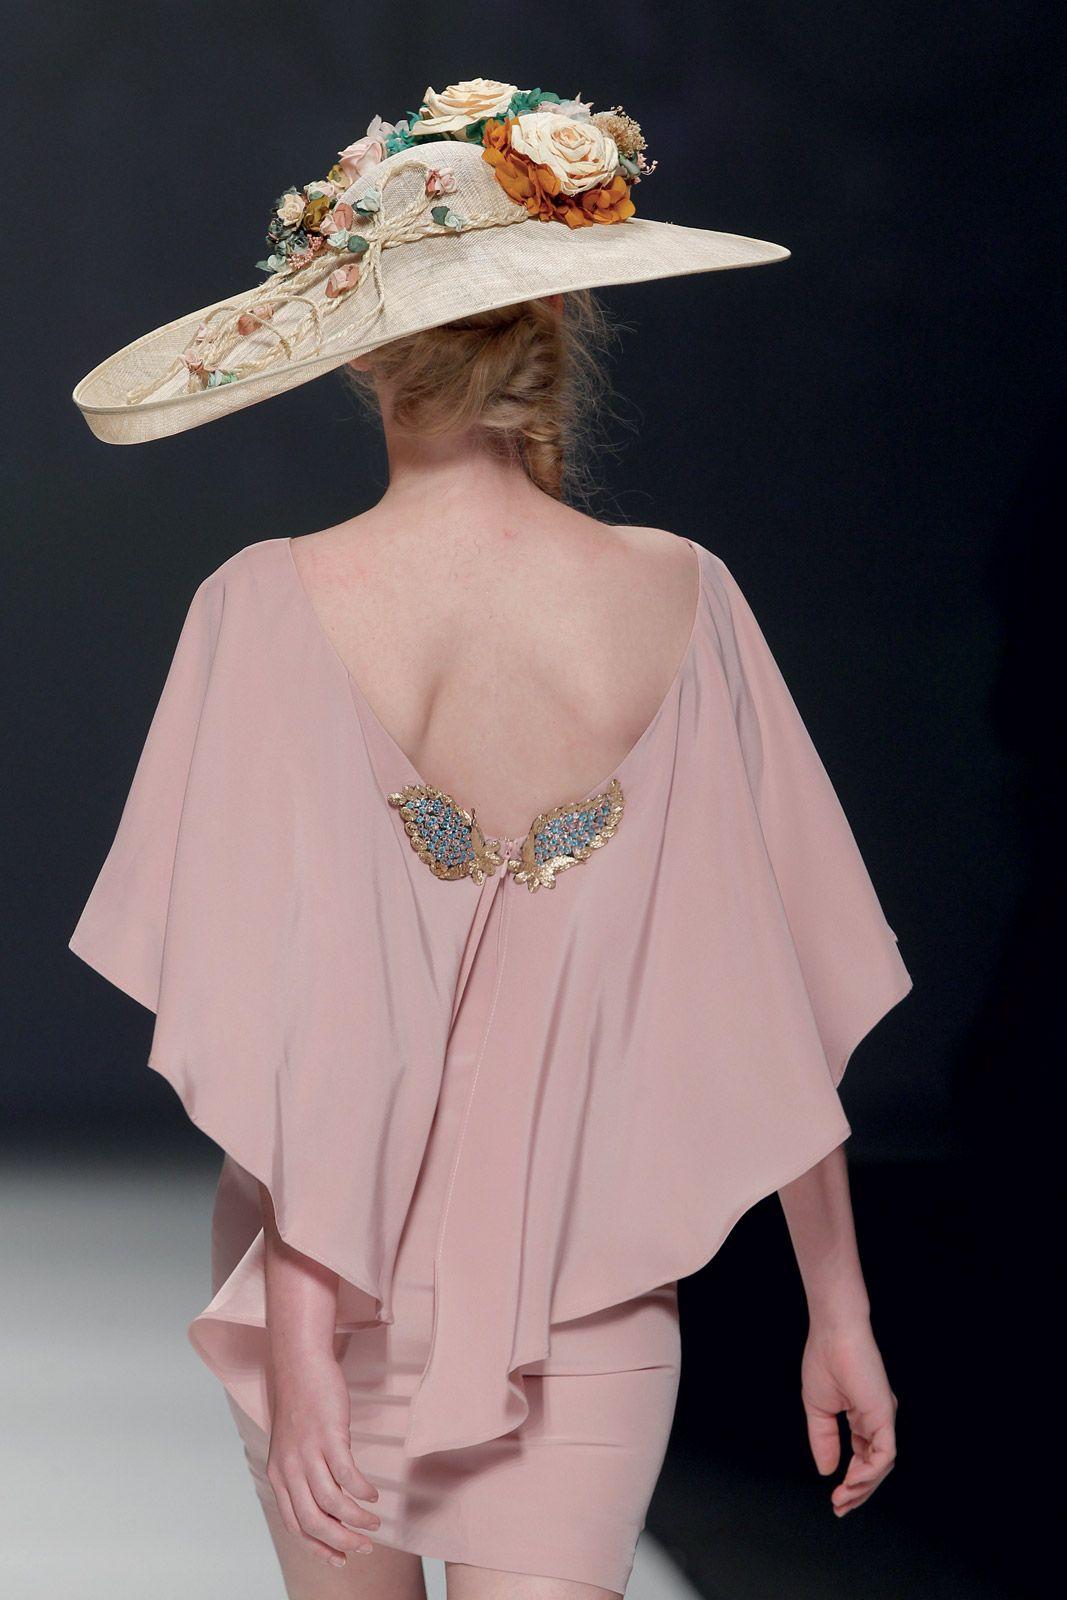 Vestidos de fiesta Matilde Cano Pasarela Gaudí 2015. #Moda #Fashion ...